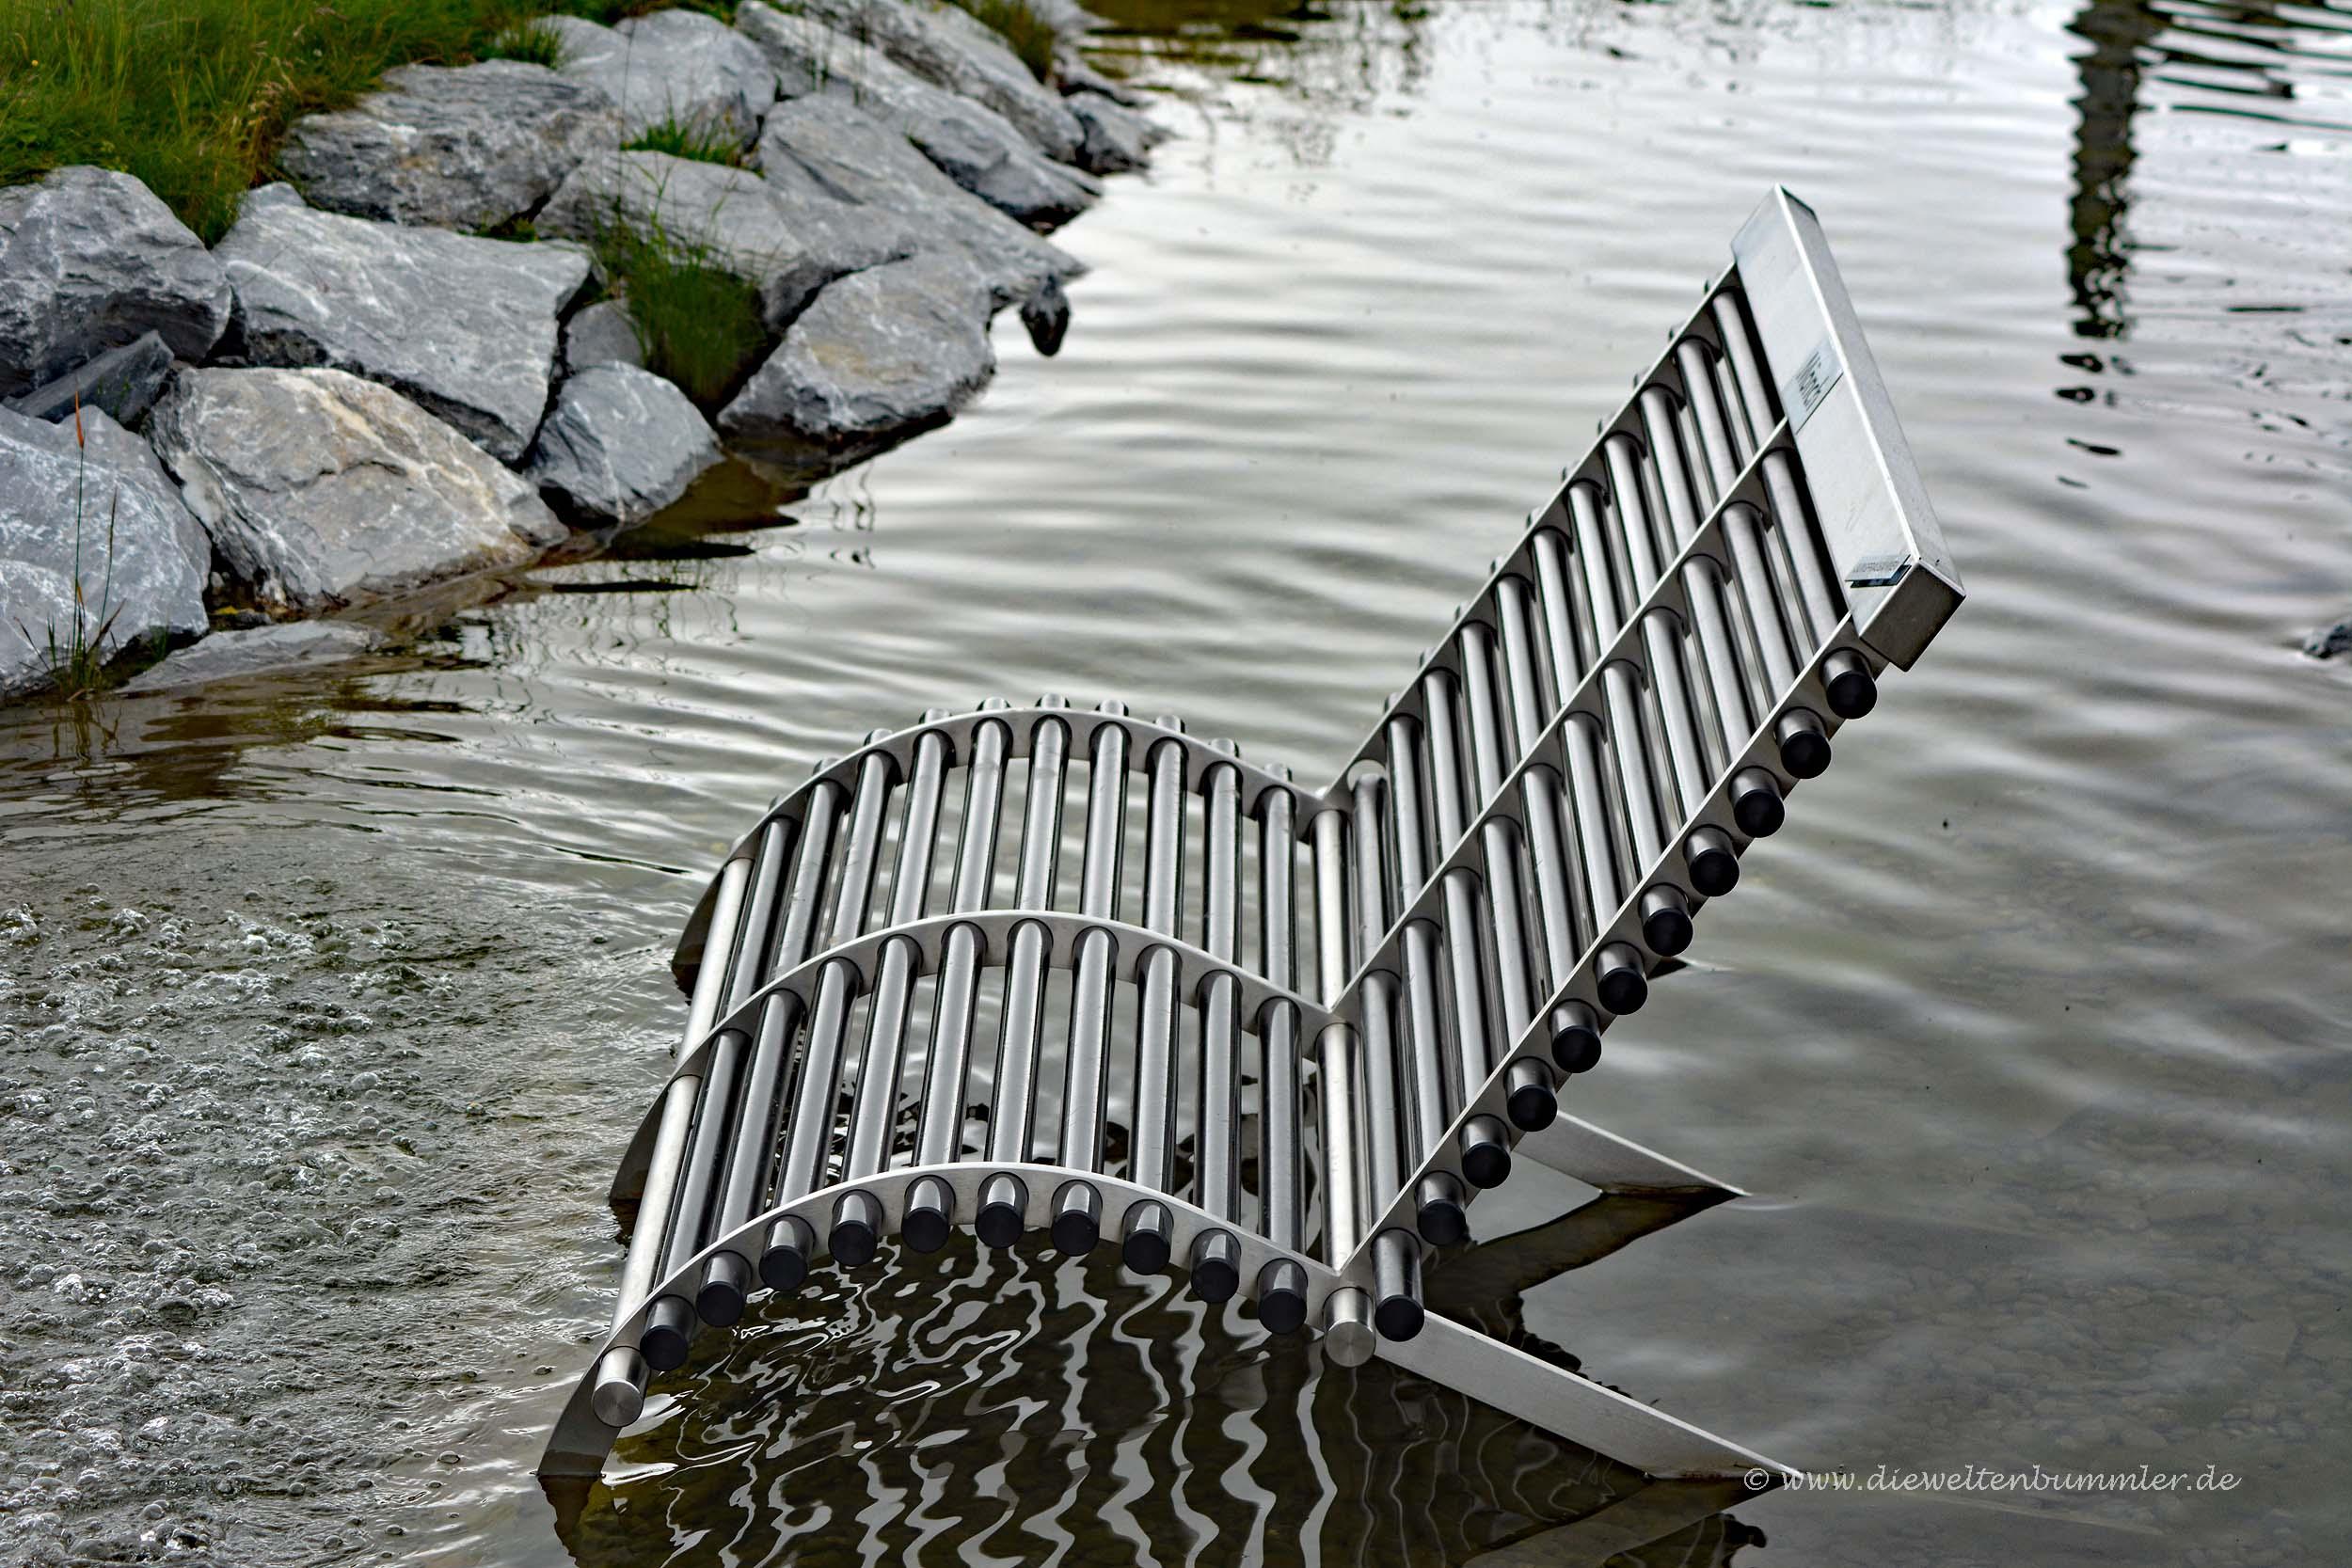 Sitzbank im Wasser